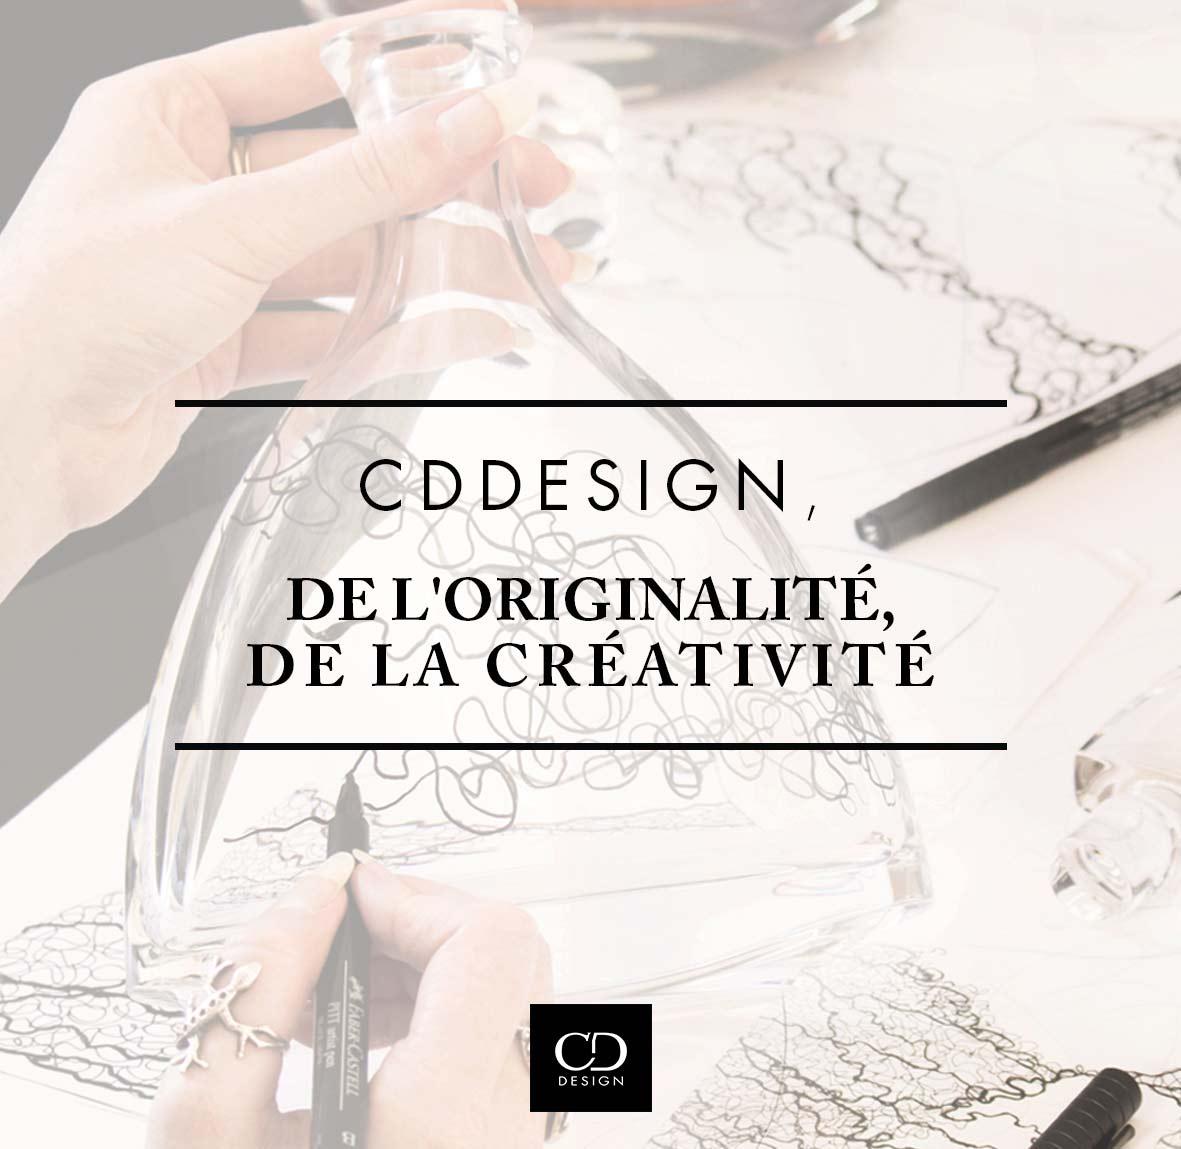 Une création unique se prépare... by CDDESIGN